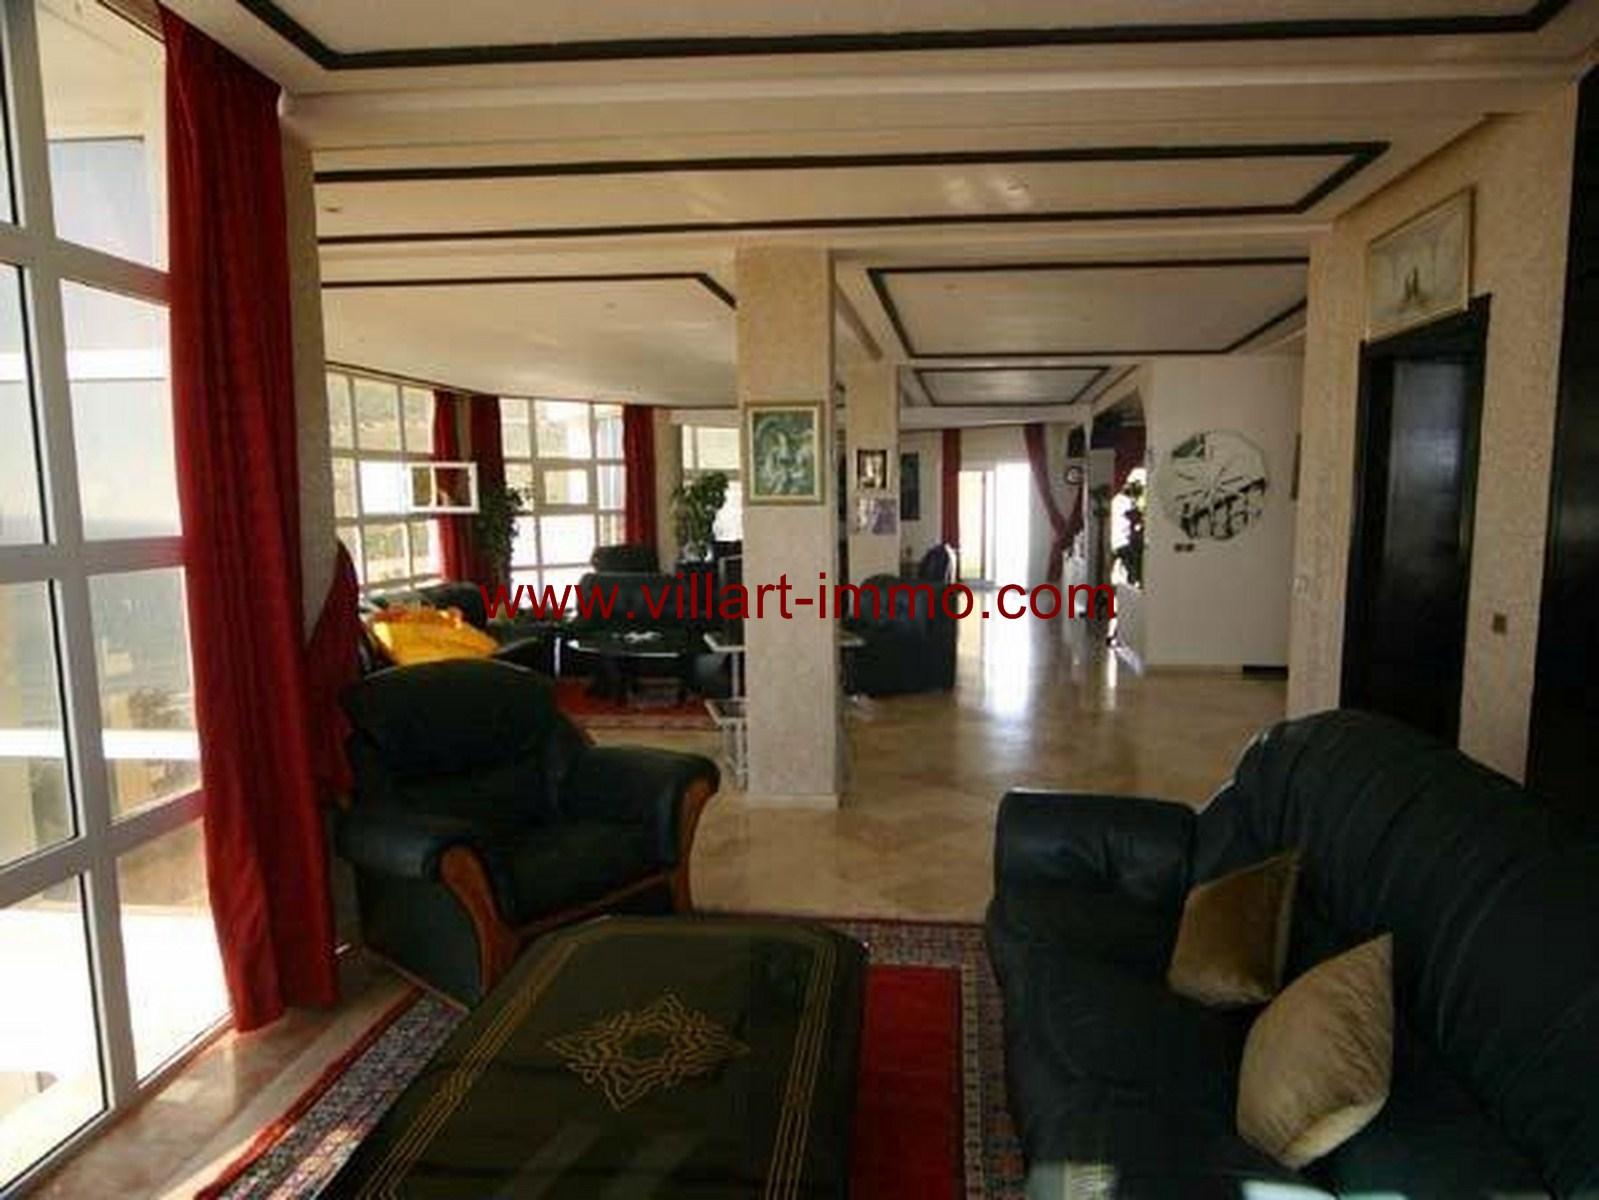 7-Location-Villa-Meublée-Tanger-Achakar-Salon'-LV910-Villart immo